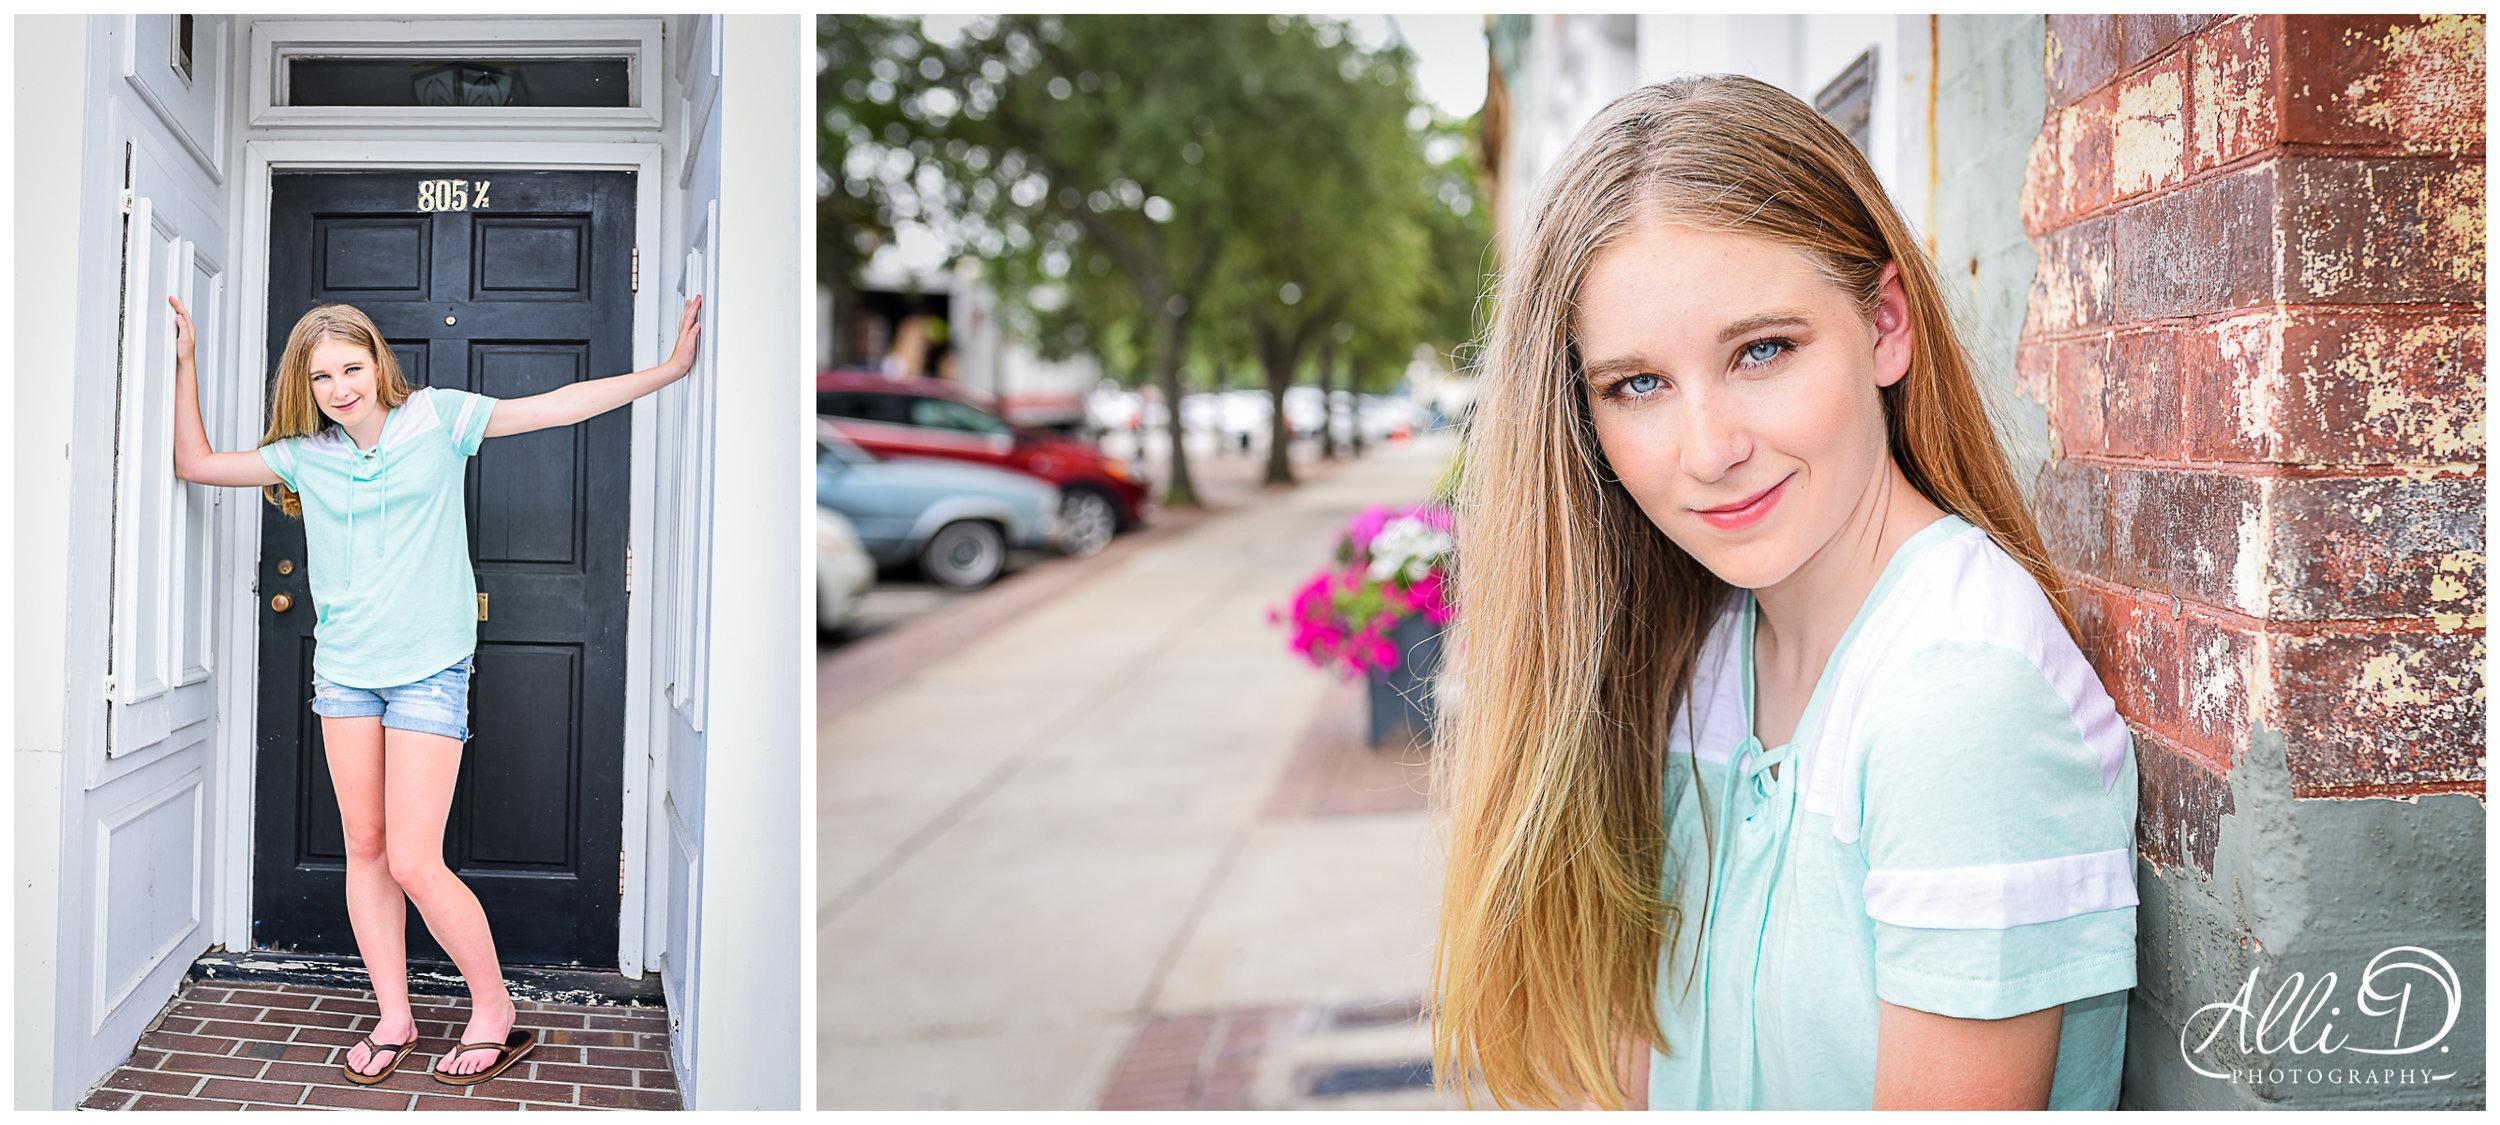 Emily blog 2.jpg